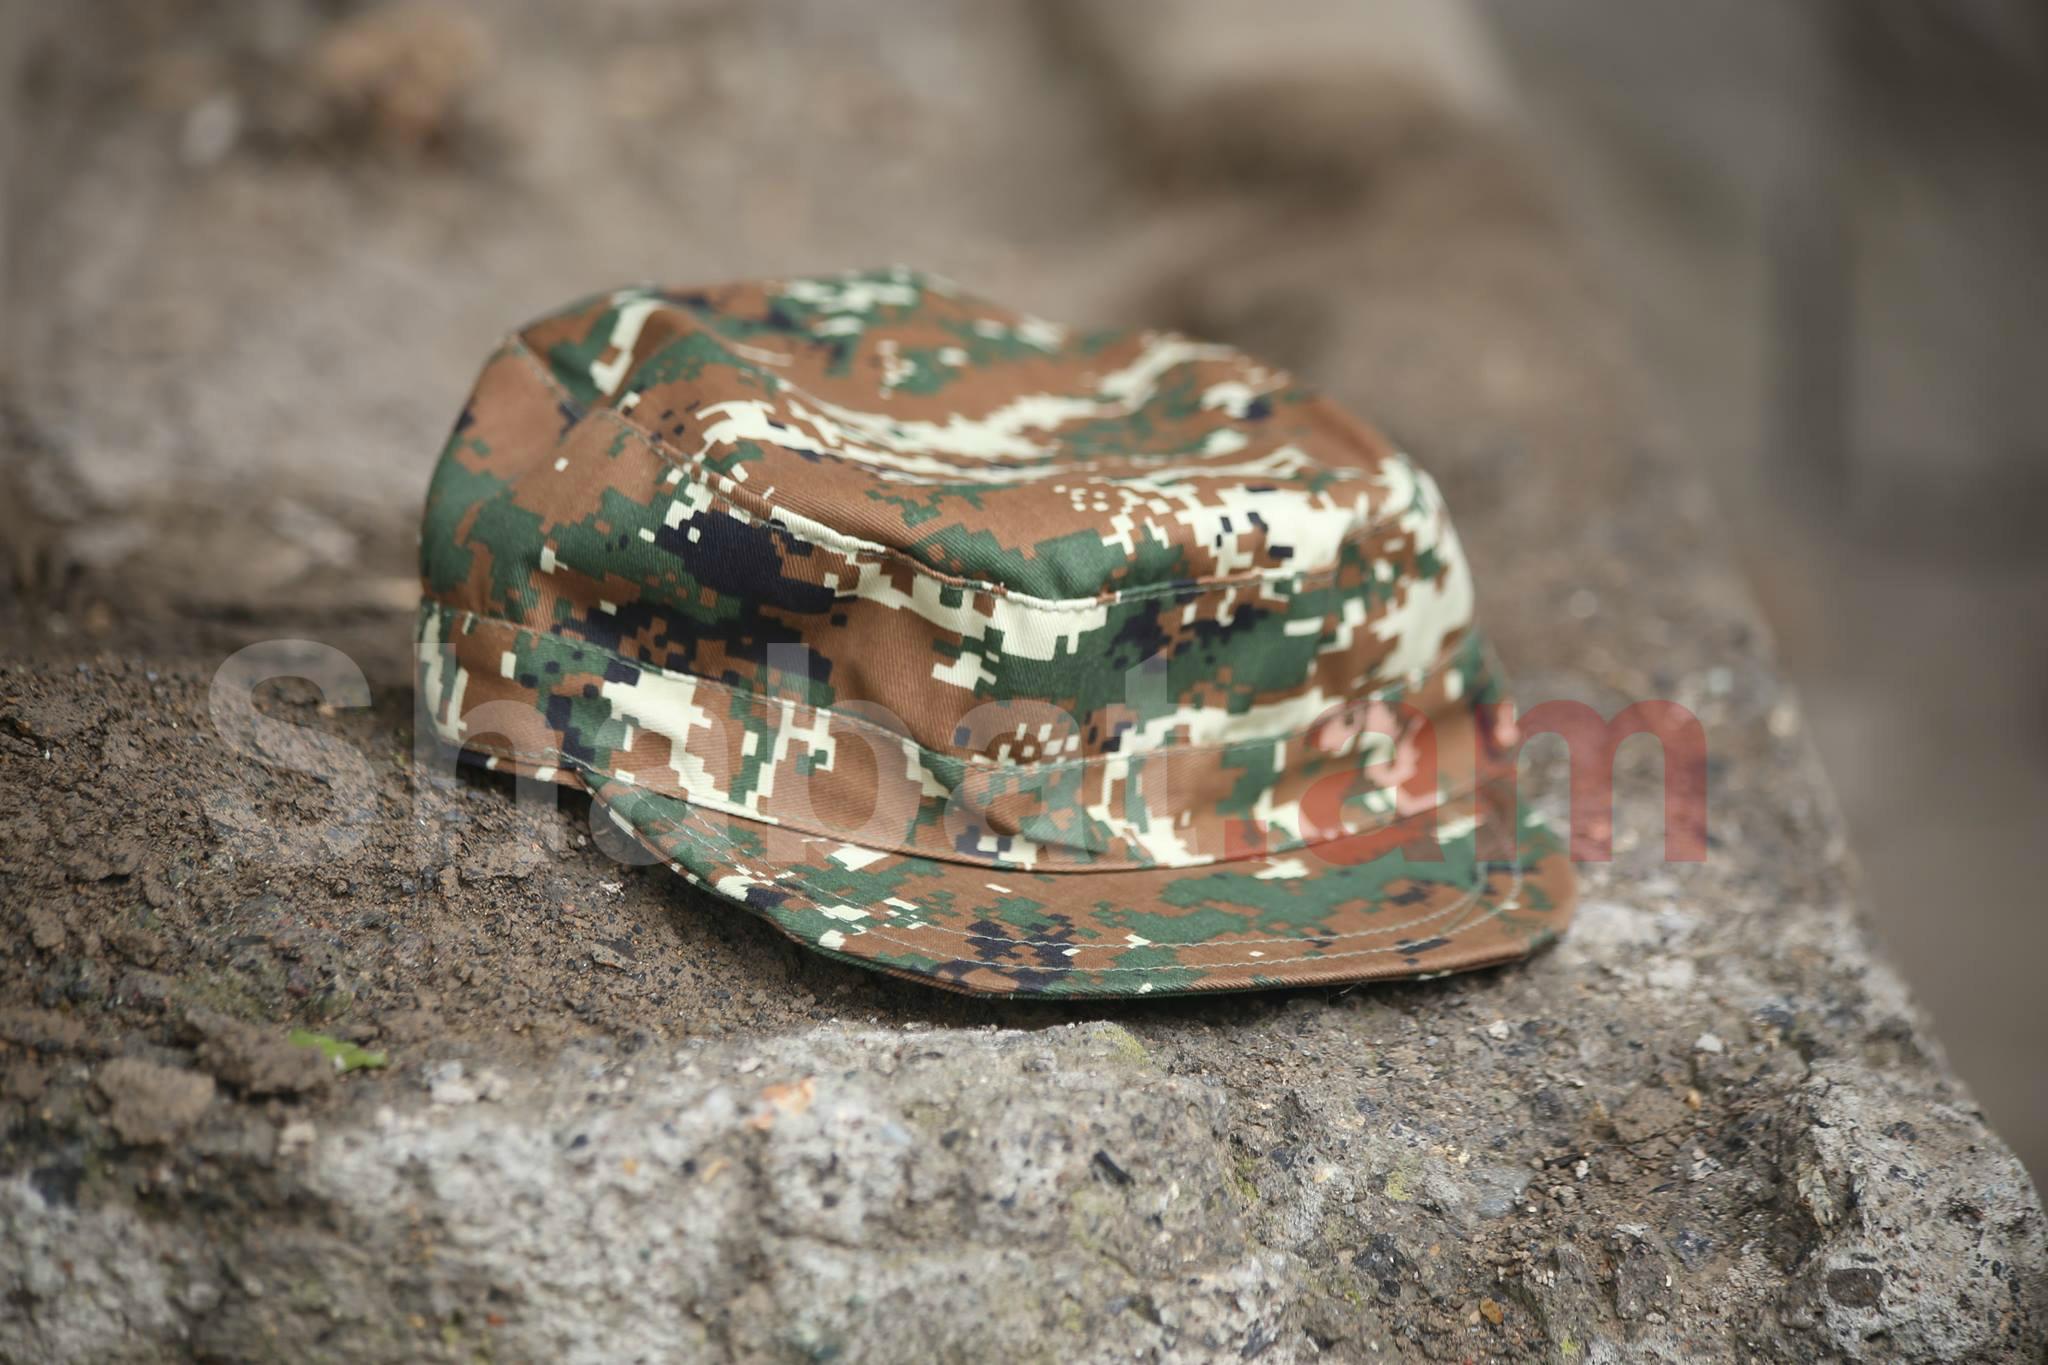 Նախնական տվյալներով զինծառայողը մահացել է  համածառայակցի կողմից մարտական հերթապահություն կրելու կանոնները խախտելու հետեւանքով